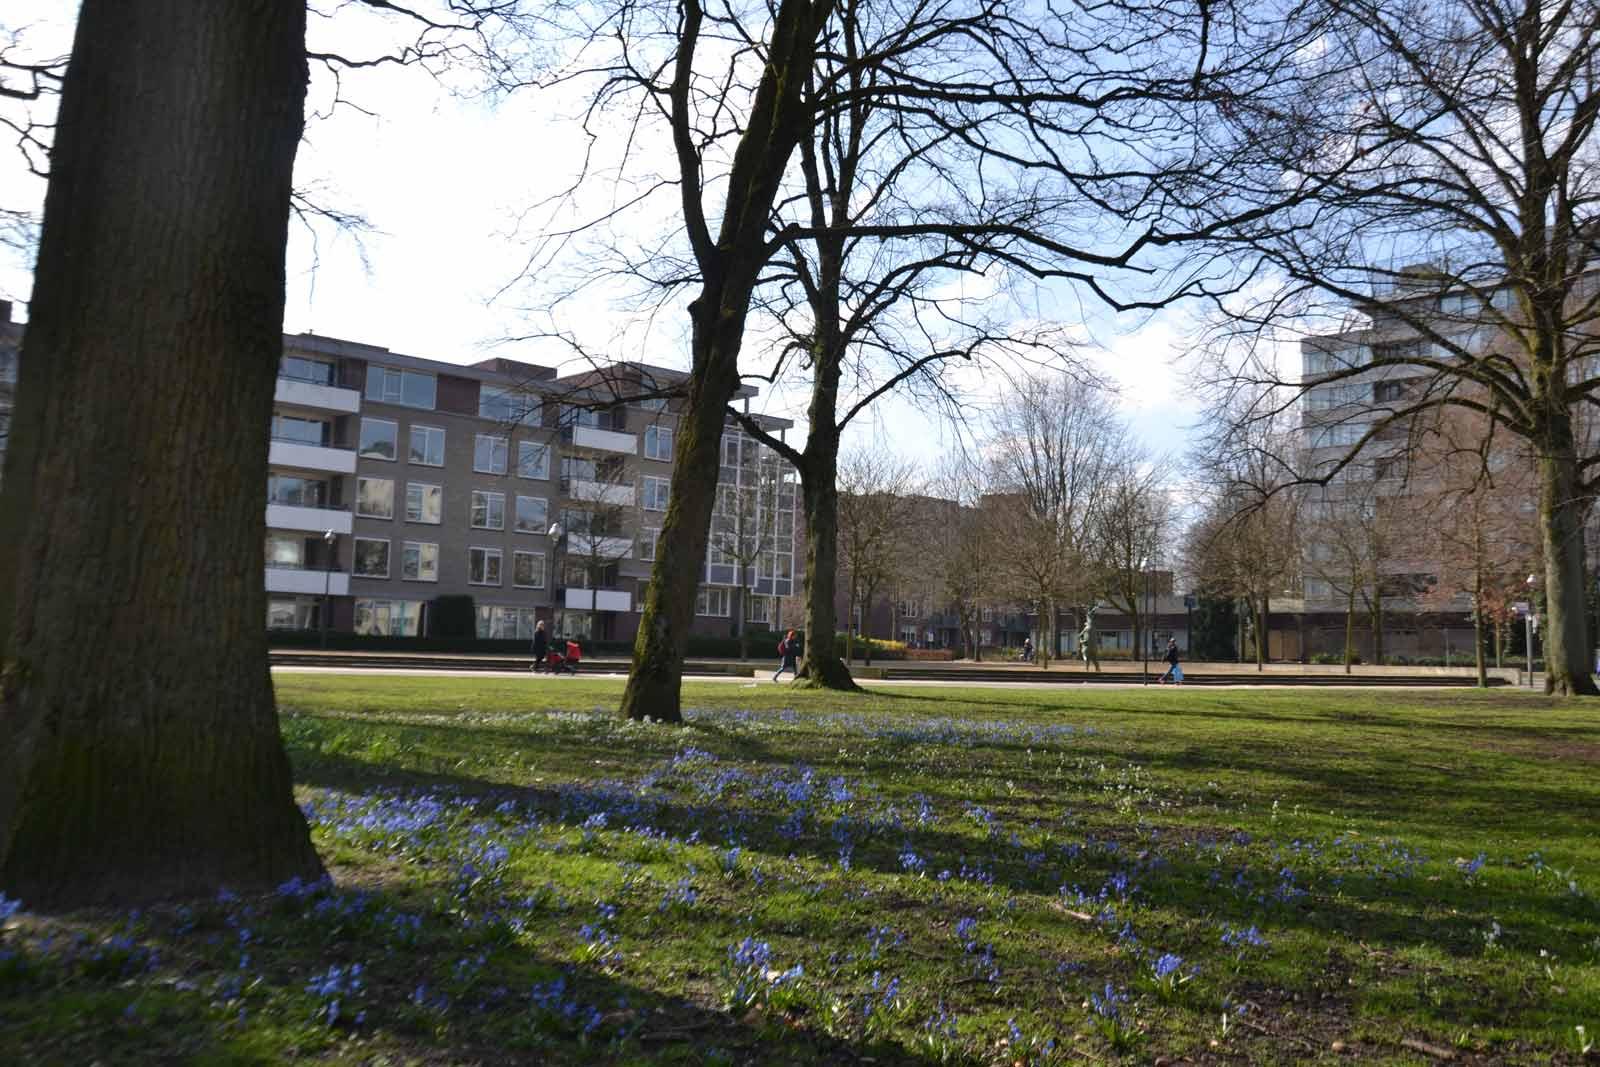 Diekman-landschapsarchitecten_-Beekpark-Apeldoorn_101_0126